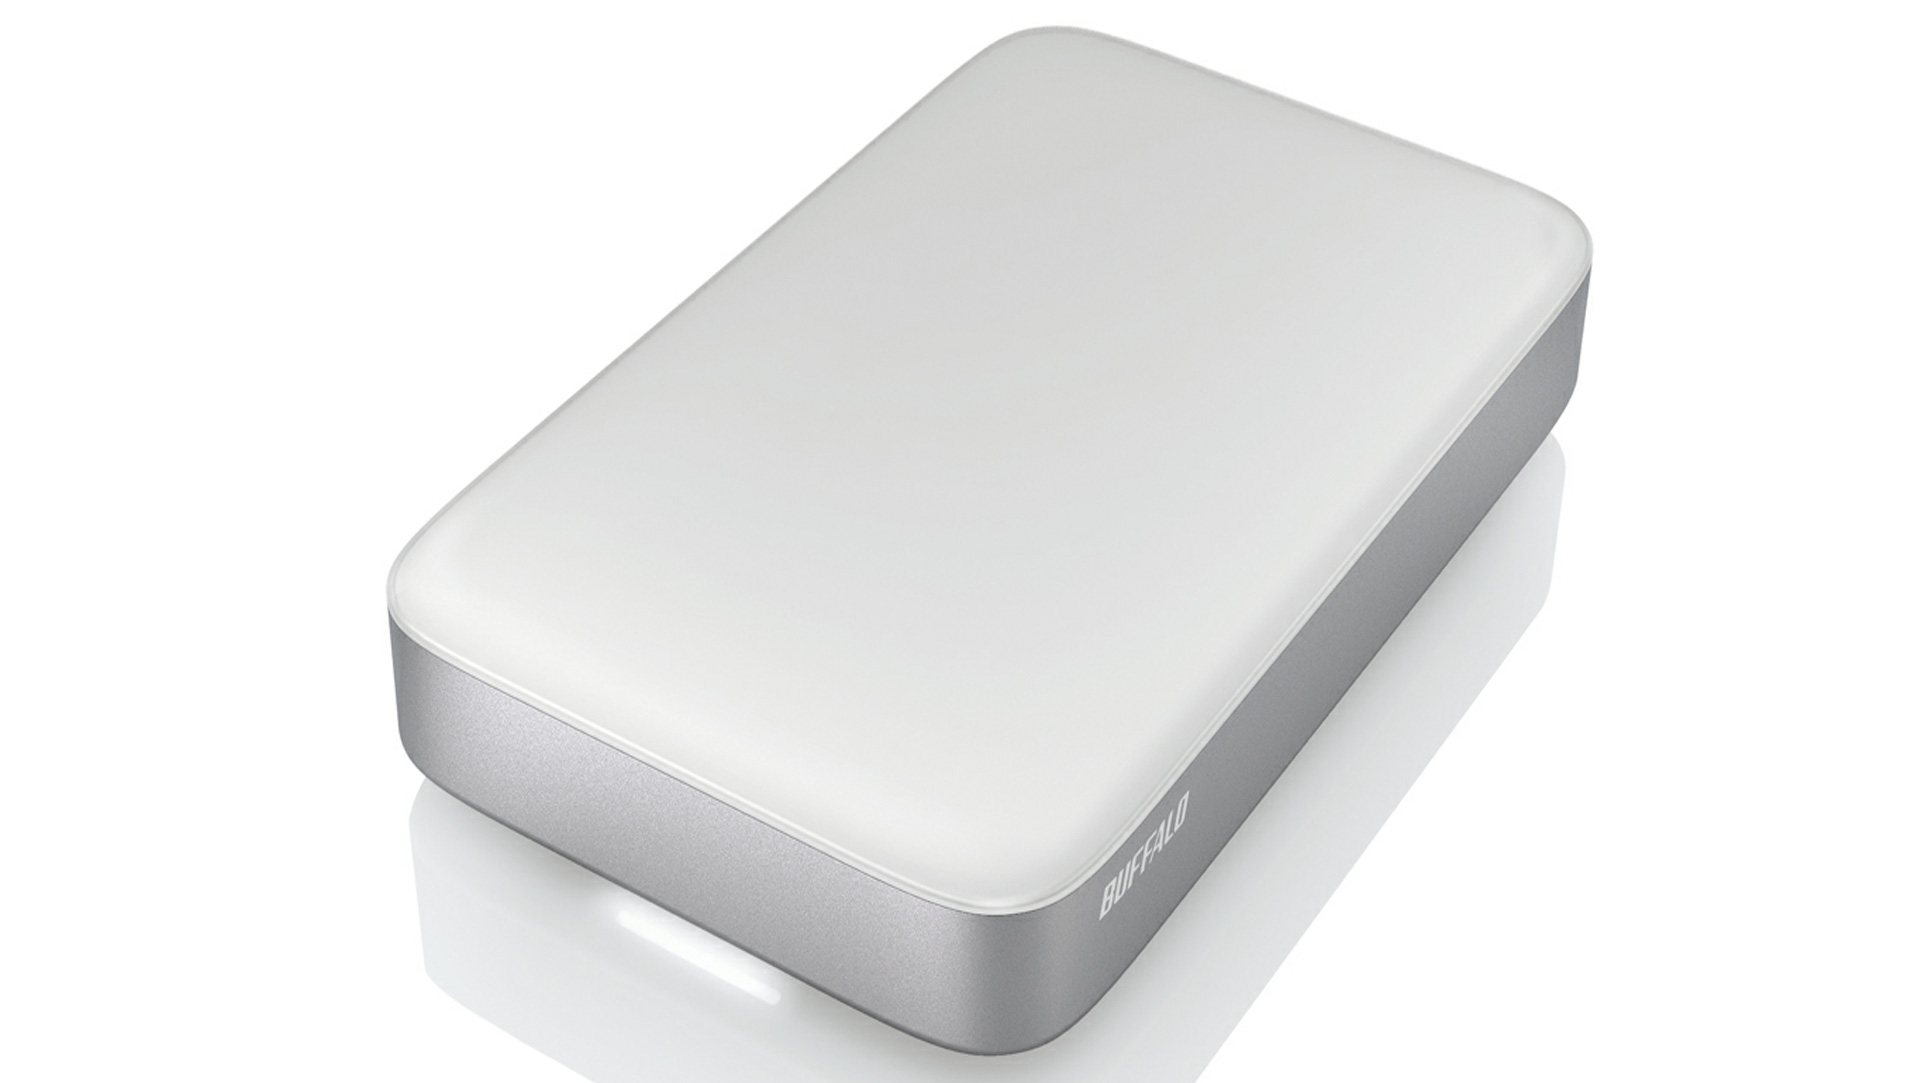 Buffalo HD-PATU3 - zewn�trzny dysk twardy z Thunderbolt i USB 3.0